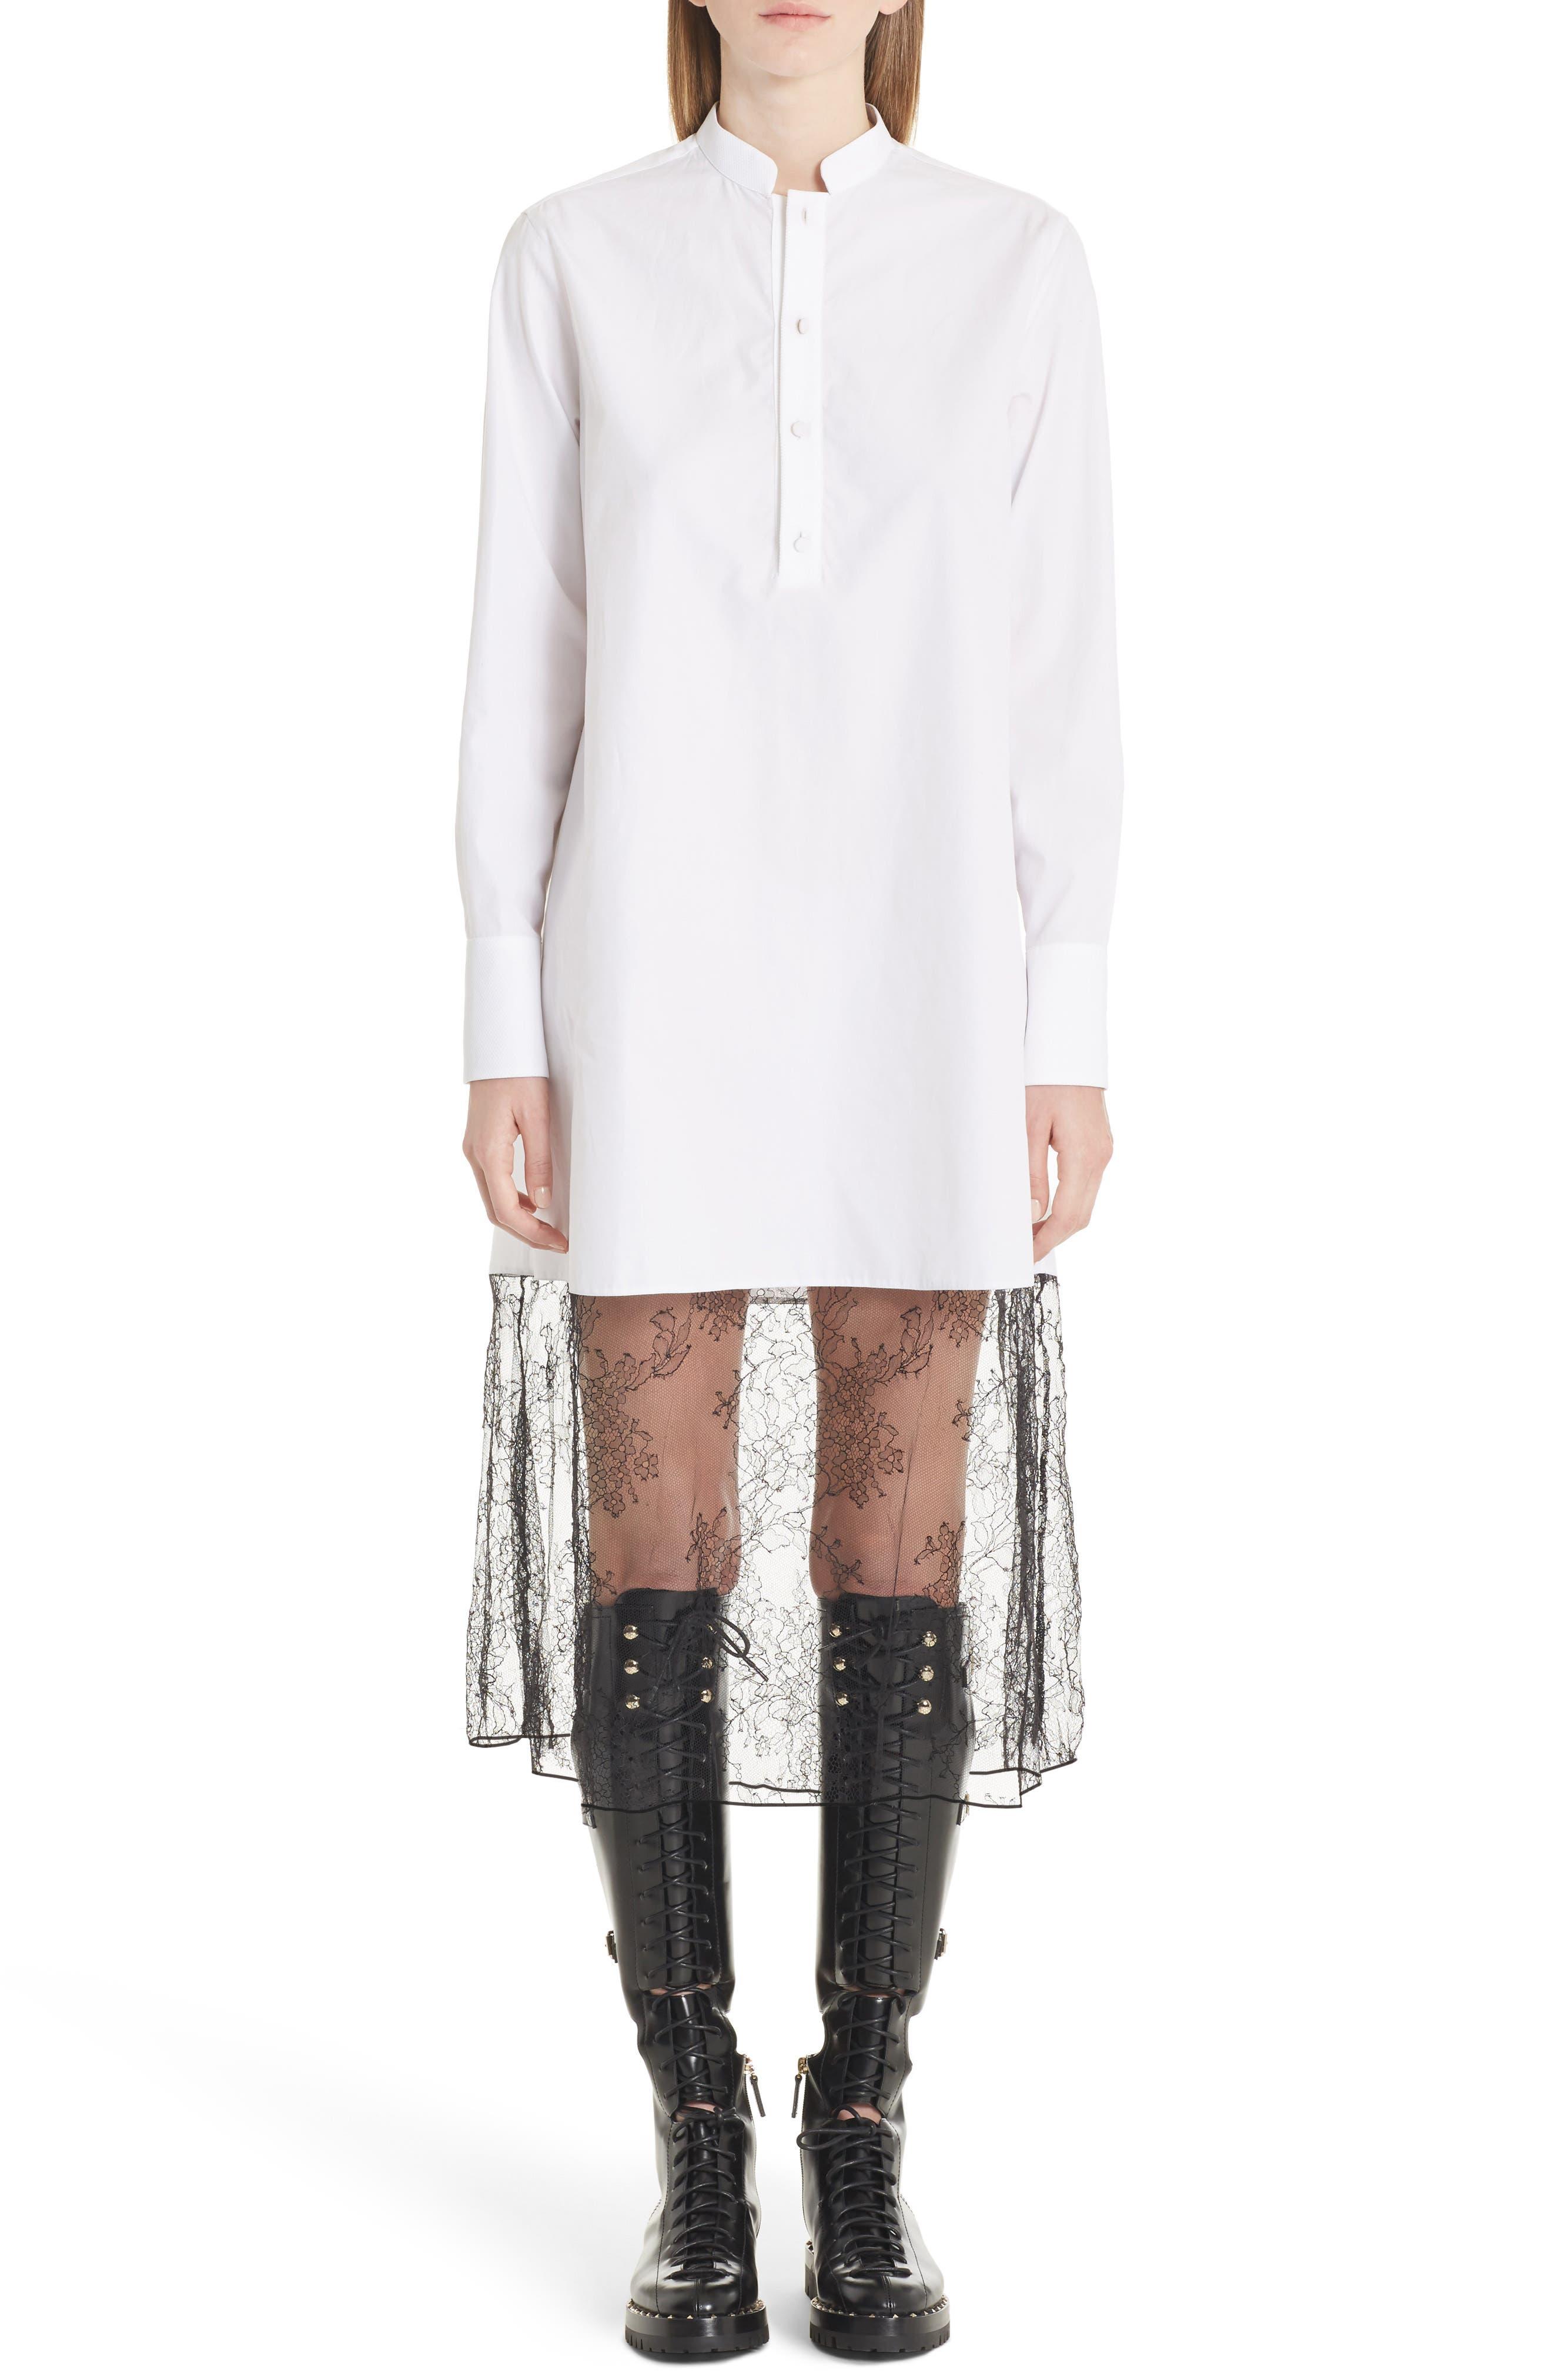 Lace Hem Cotton Poplin Shirtdress,                             Main thumbnail 1, color,                             White/ Black